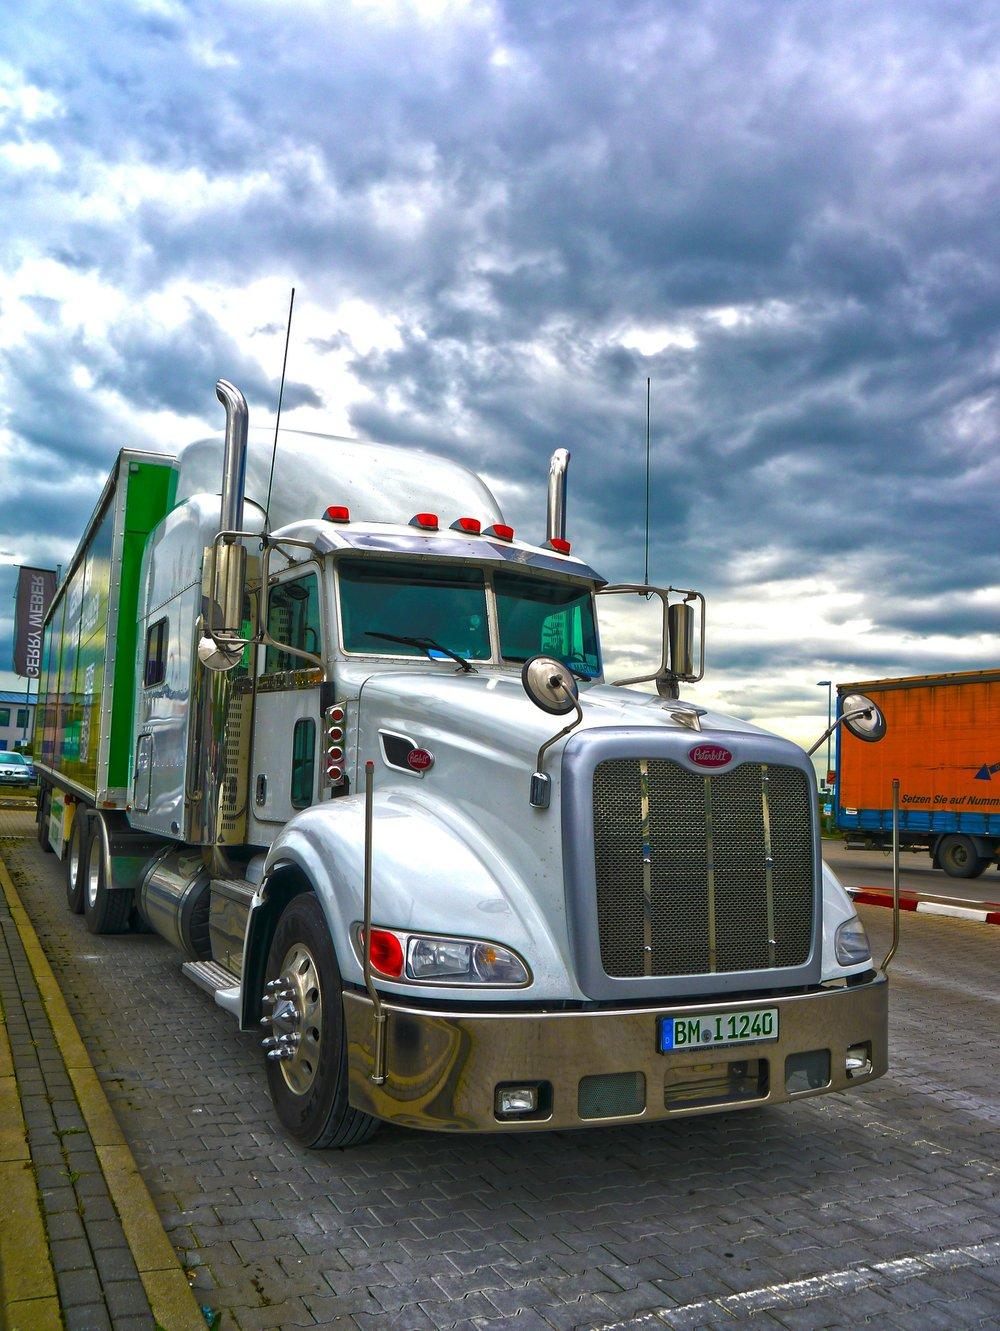 truck-460432_1920.jpg